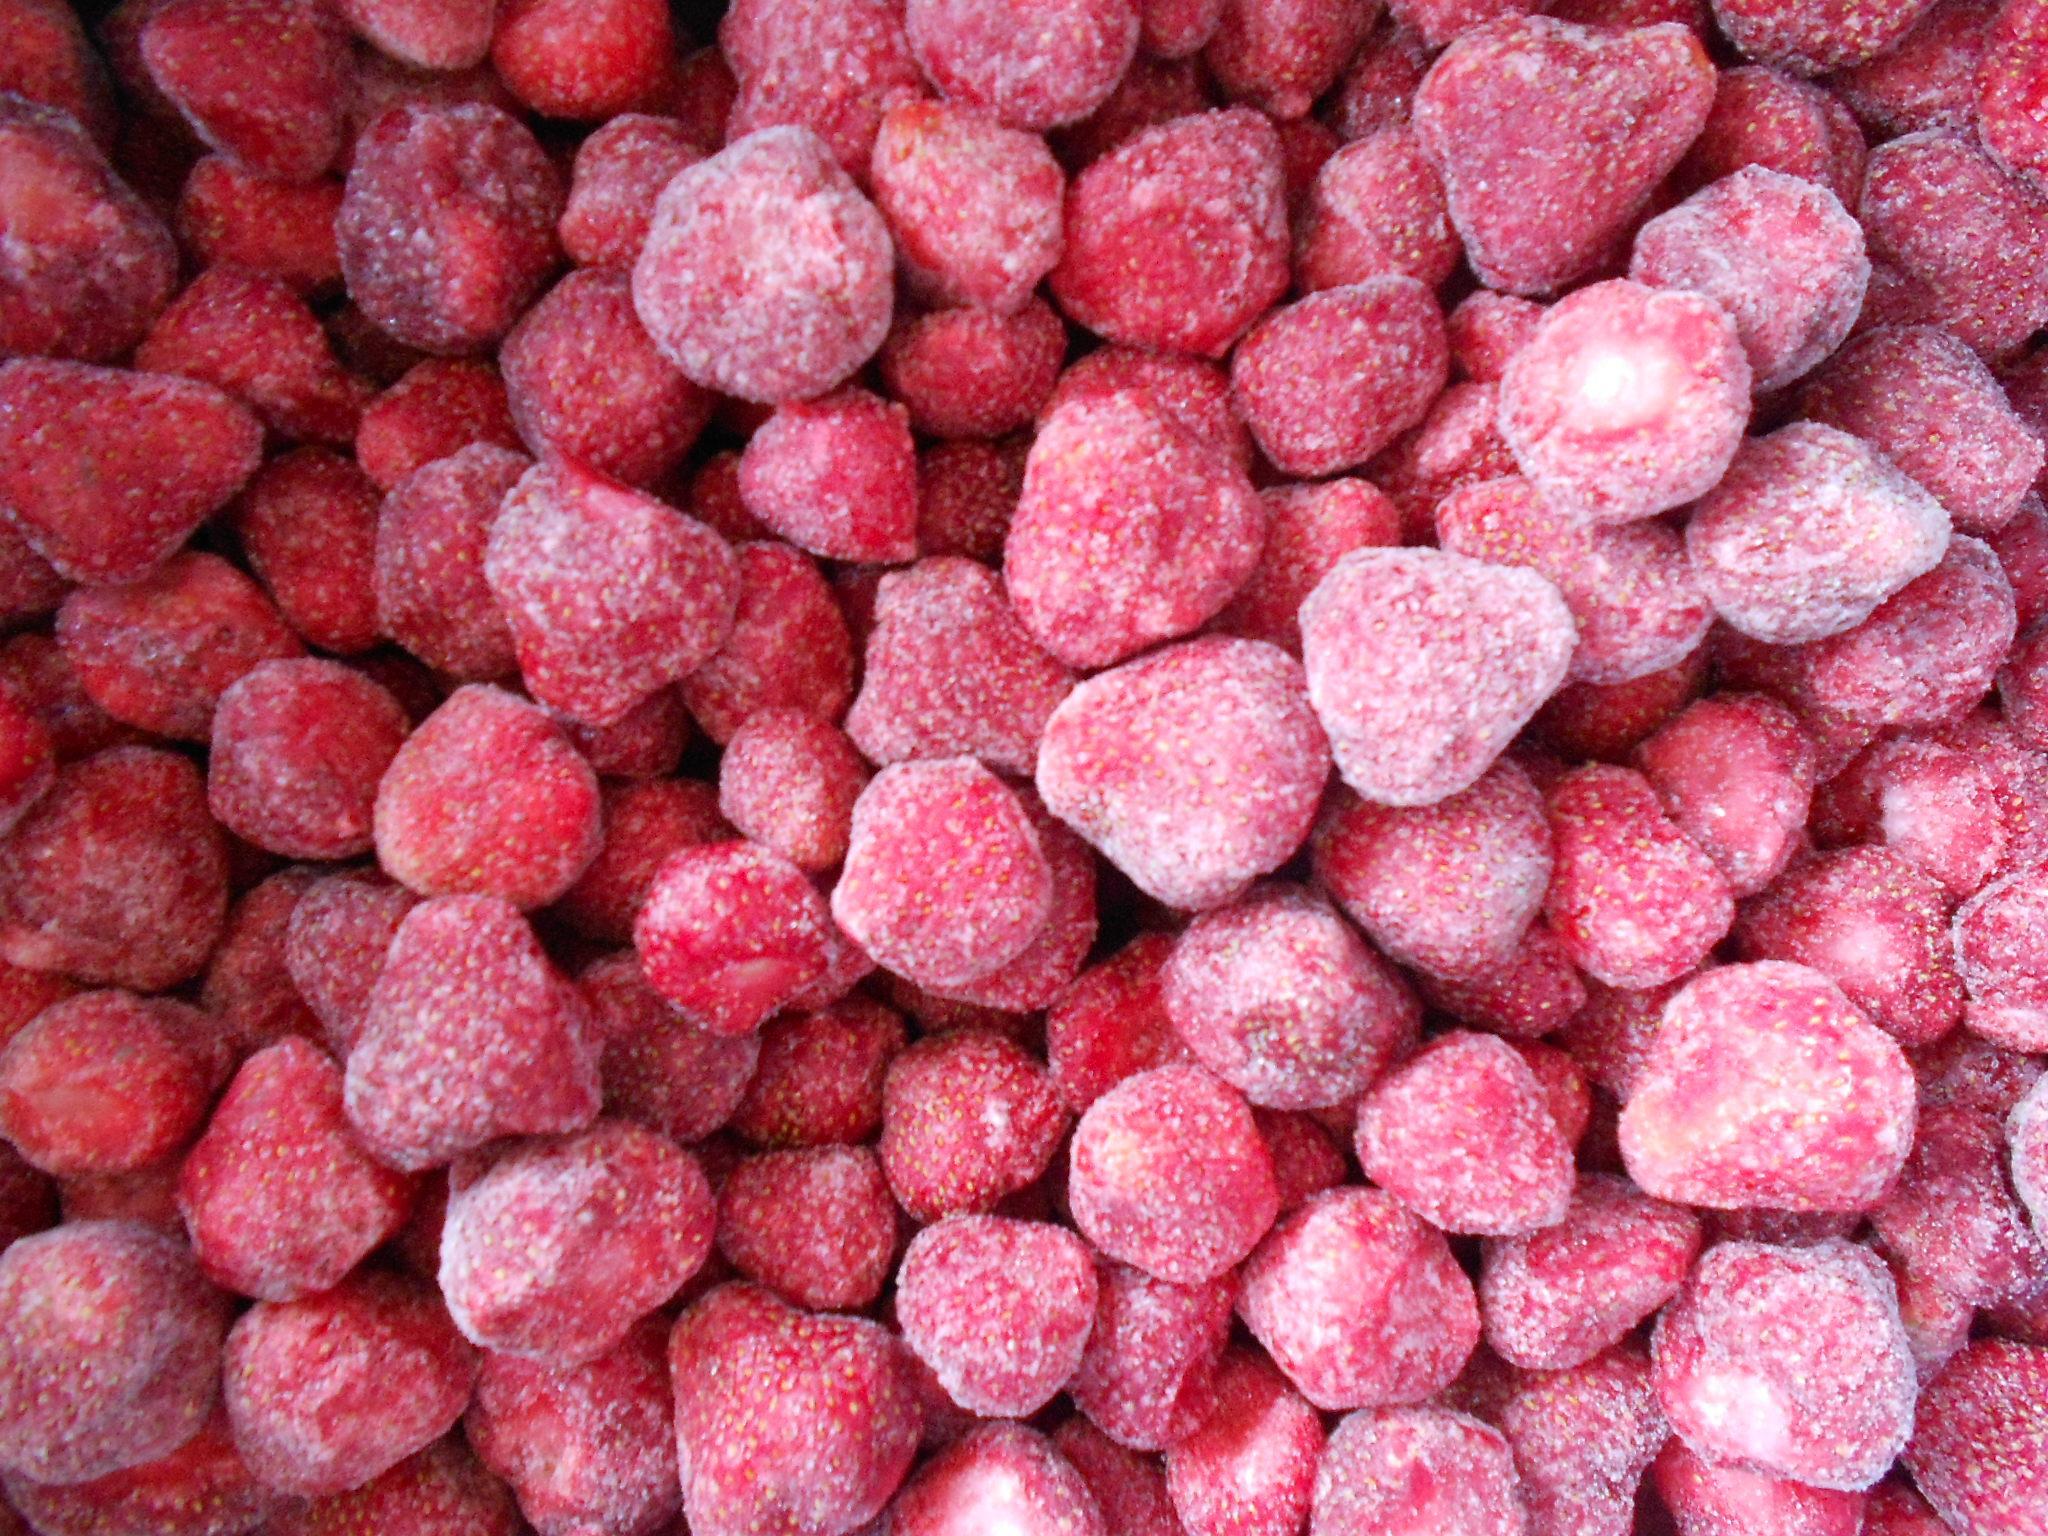 冷凍草莓,速凍草莓,冷凍草莓泥,速凍草莓泥 7